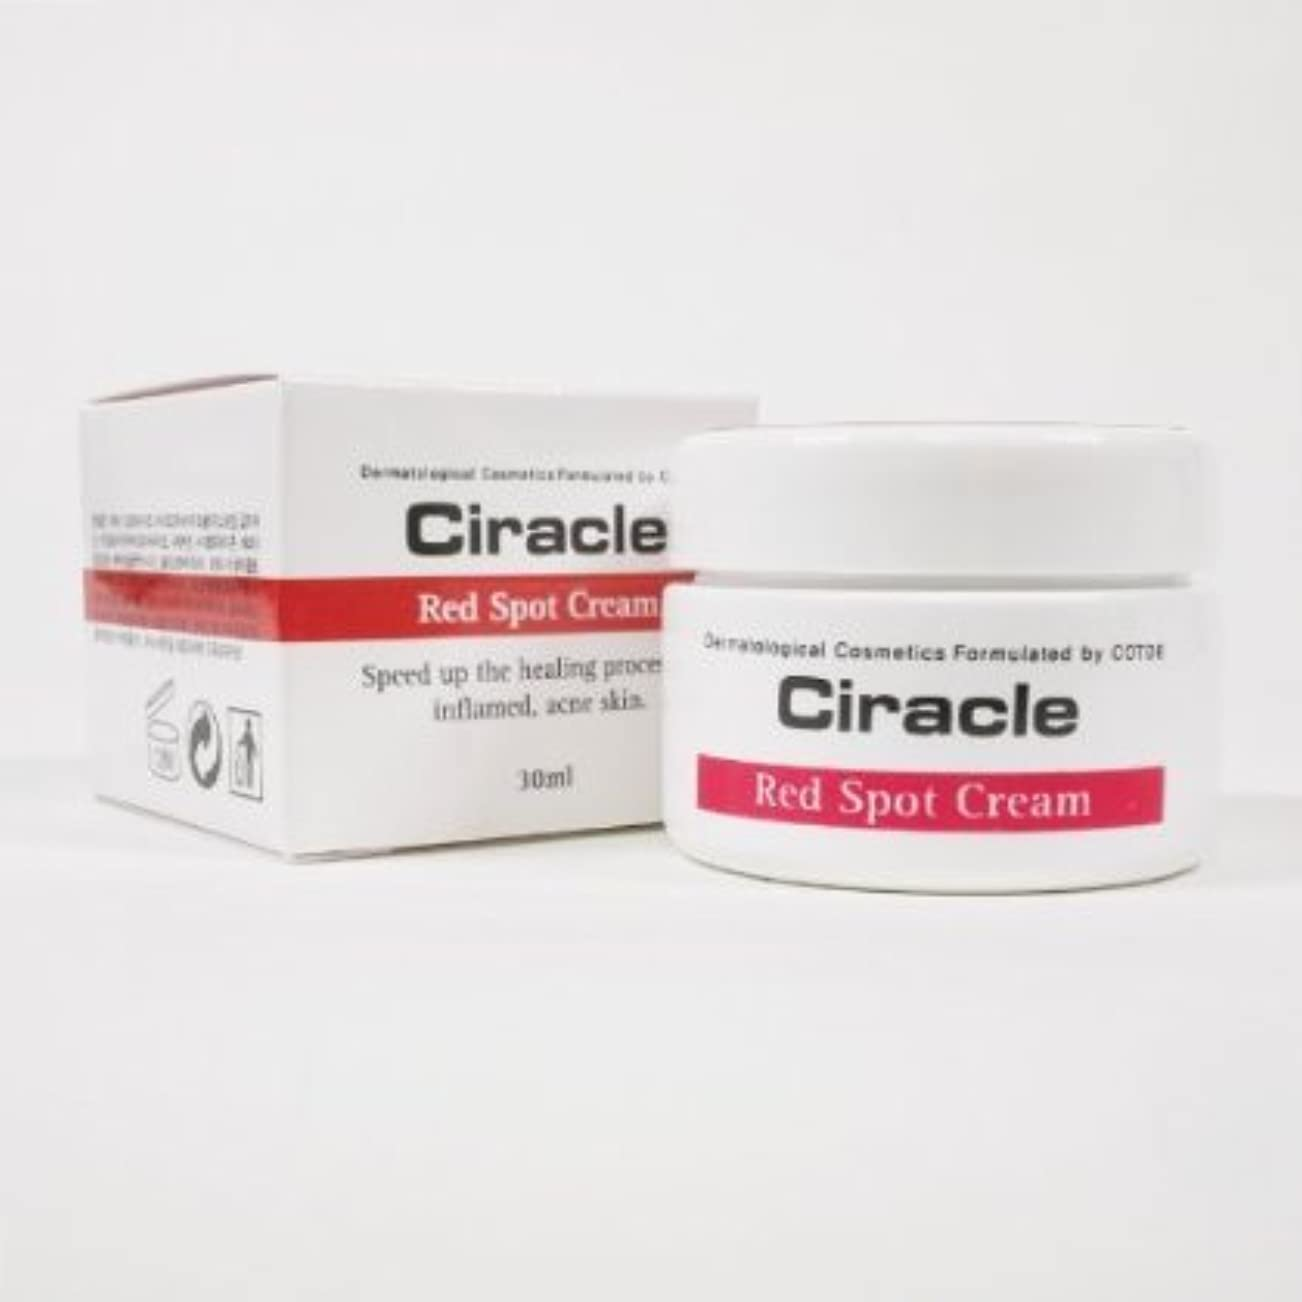 解明するバランス疫病Ciracle レッド スポット クリーム /Red Spot Cream (30ml )